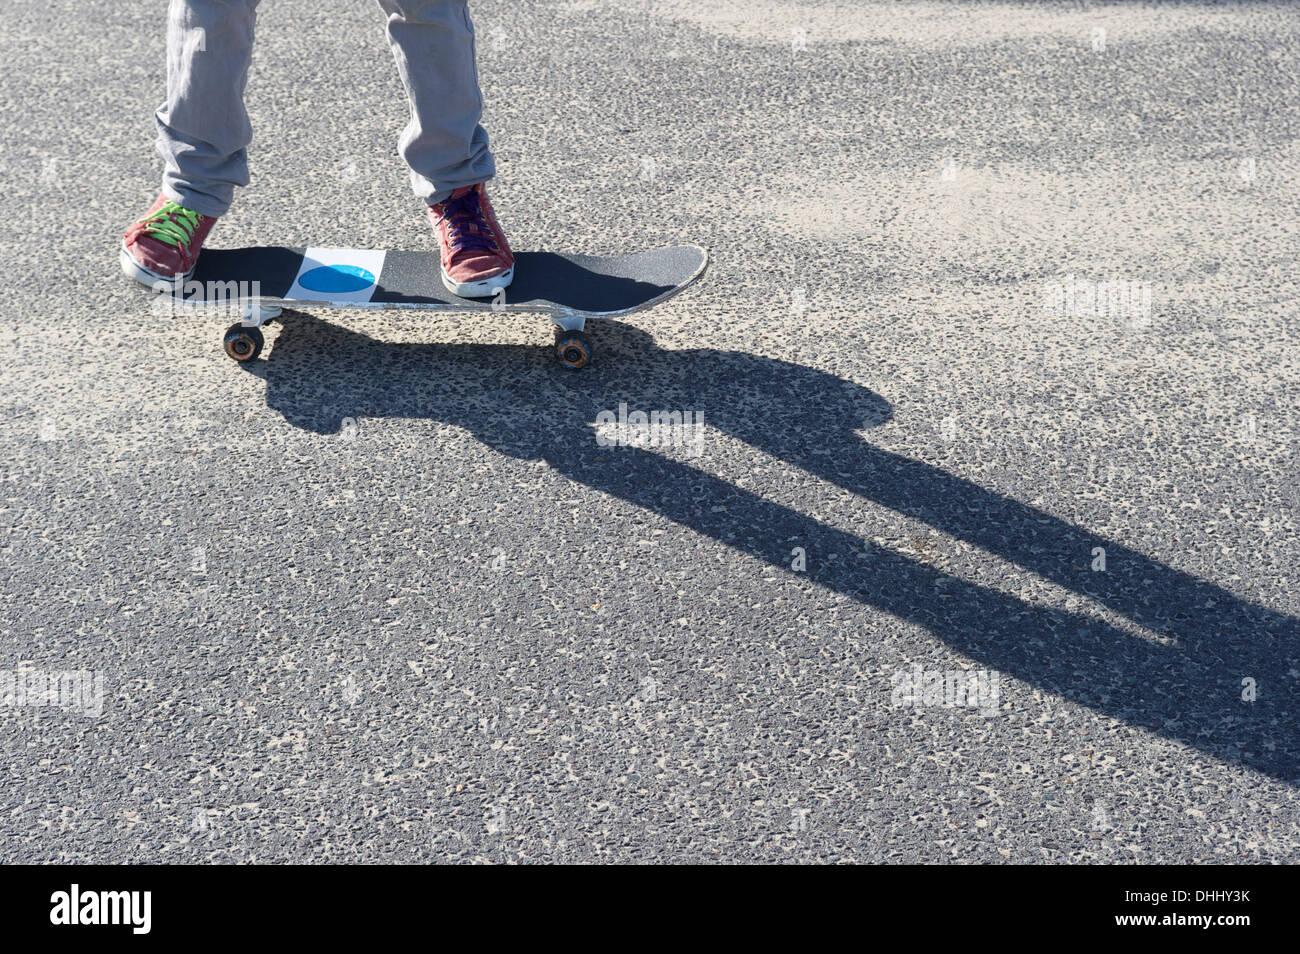 Detail der Beine fahren skateboard Stockbild